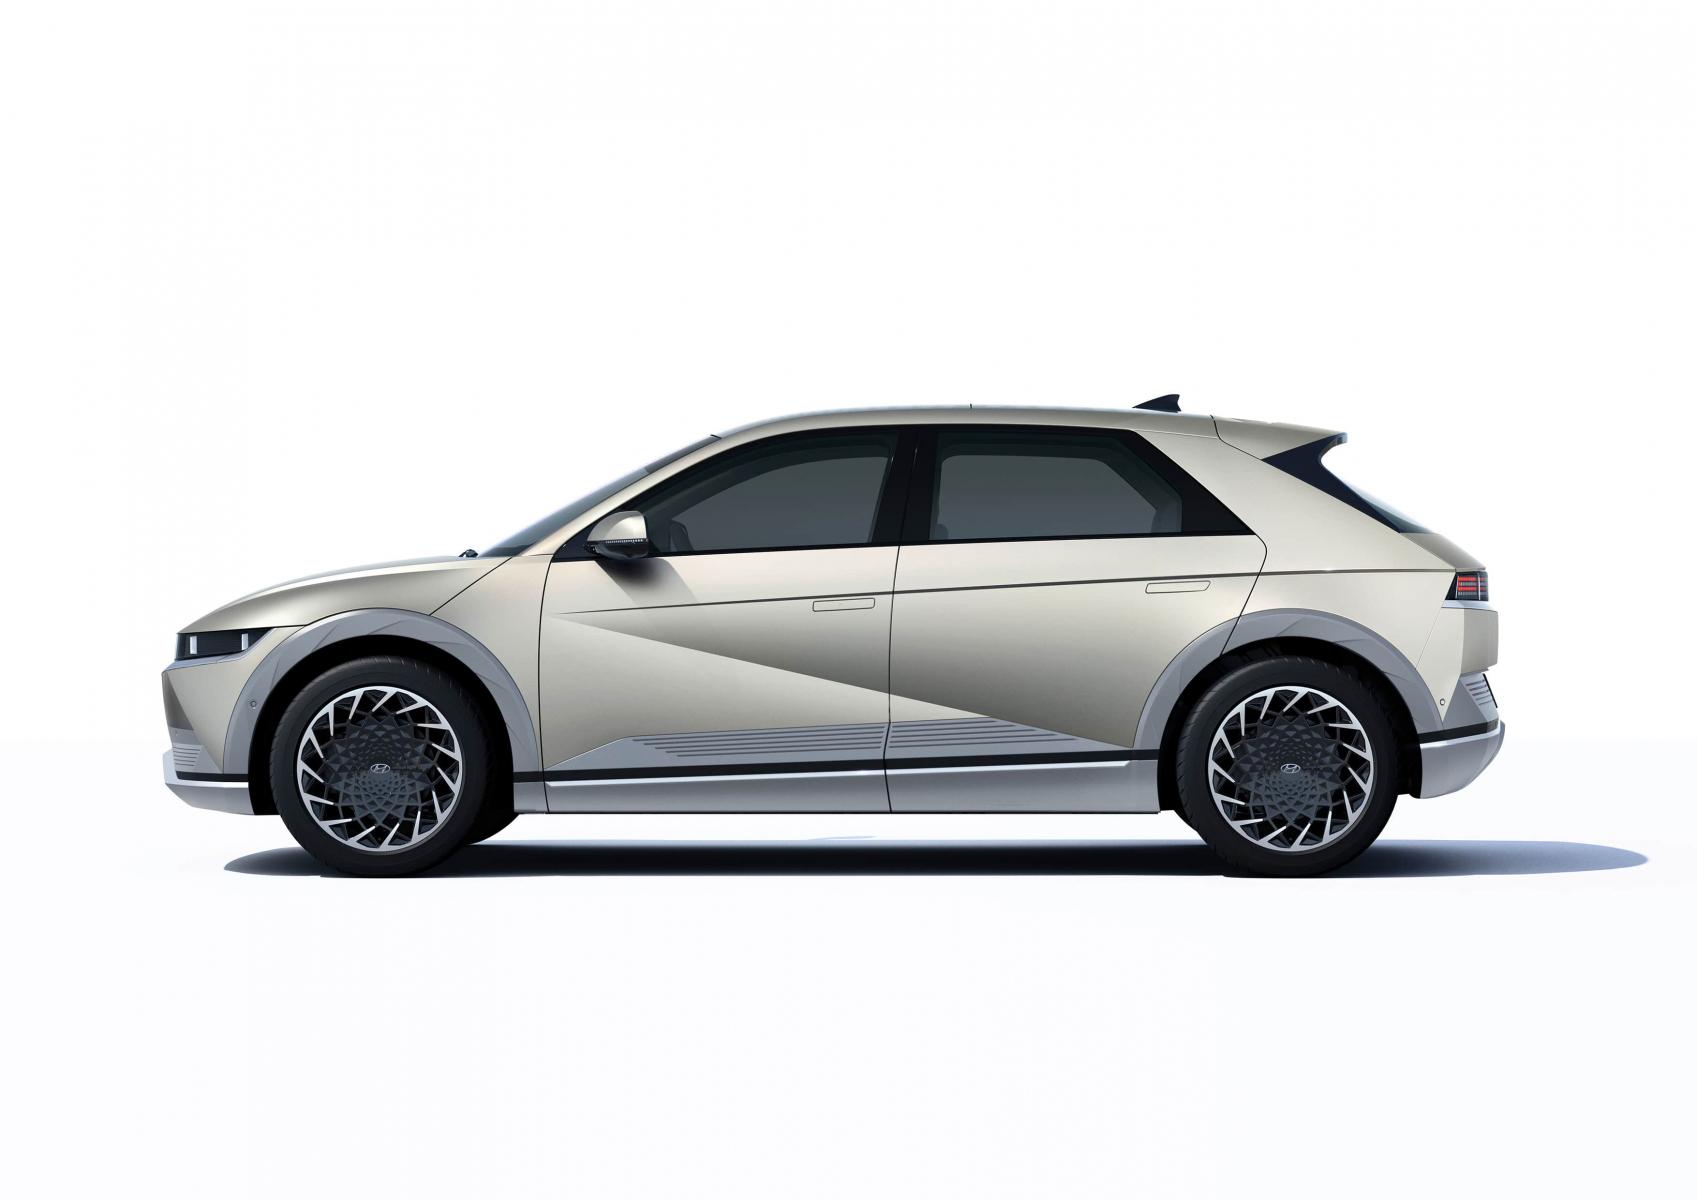 Hyundai IONIQ 5 переосмислює спосіб життя з електричною мобільністю   Техноцентр «Навигатор» - фото 12